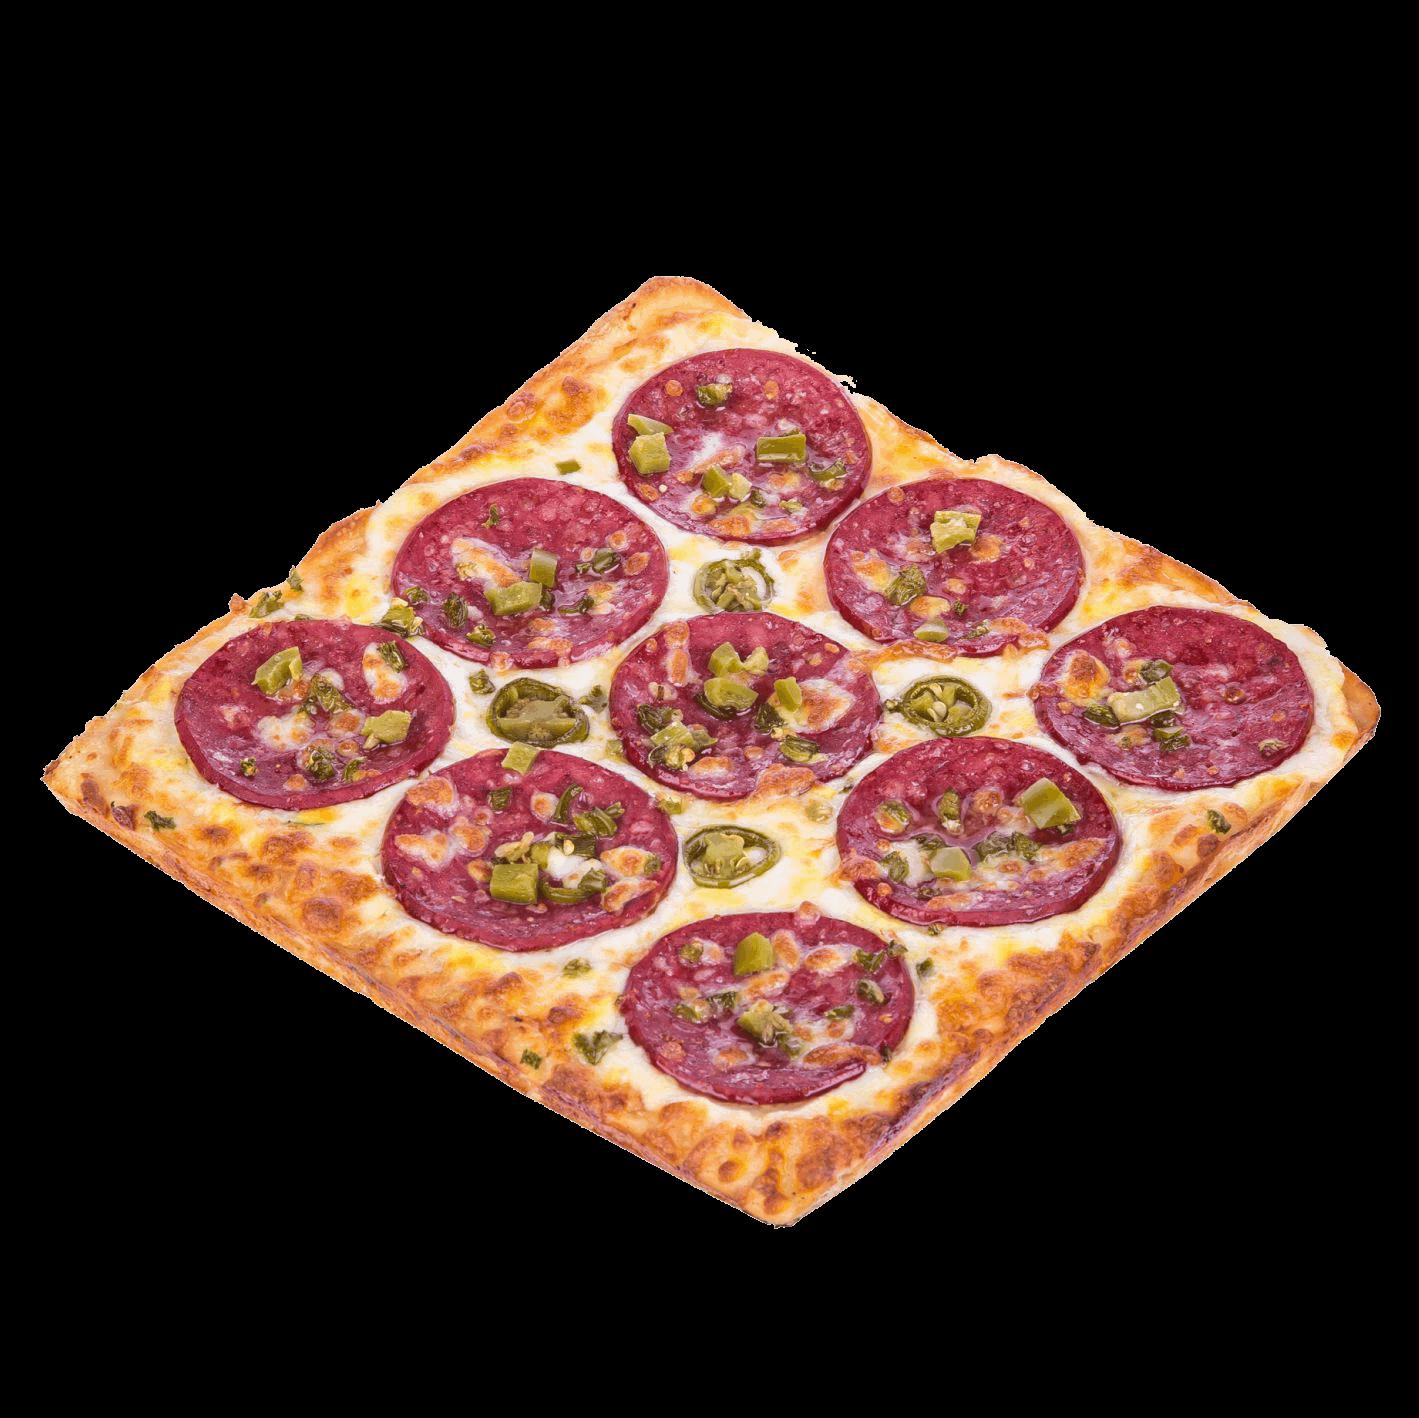 پیتزا پپرونی رستوران های بین المللی عطاویچ